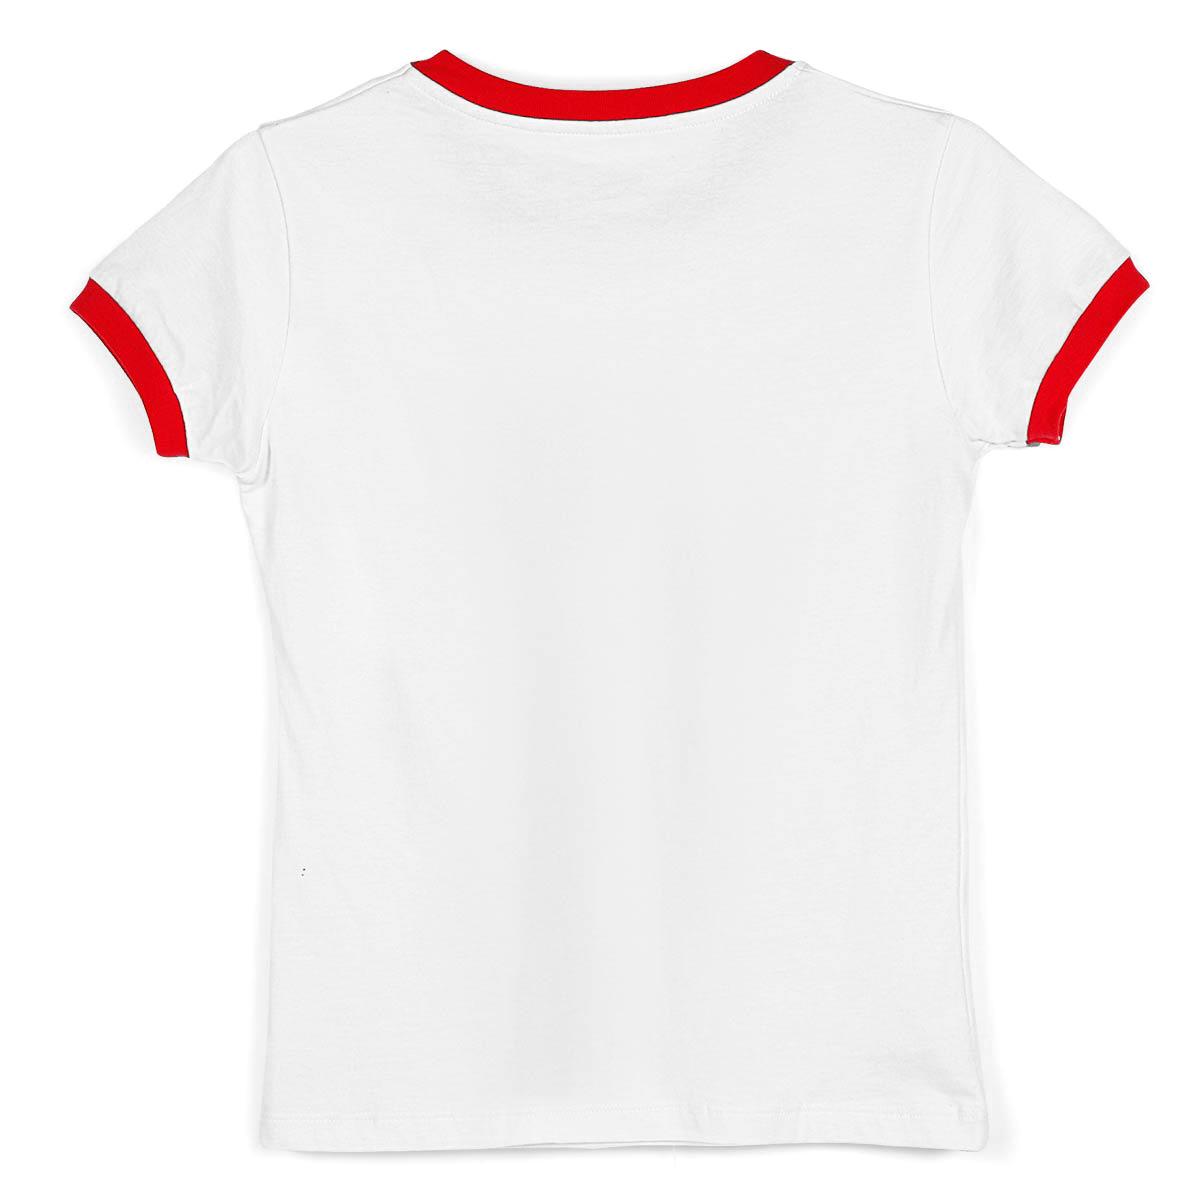 Camiseta Ringer Feminina Branco e Vermelho